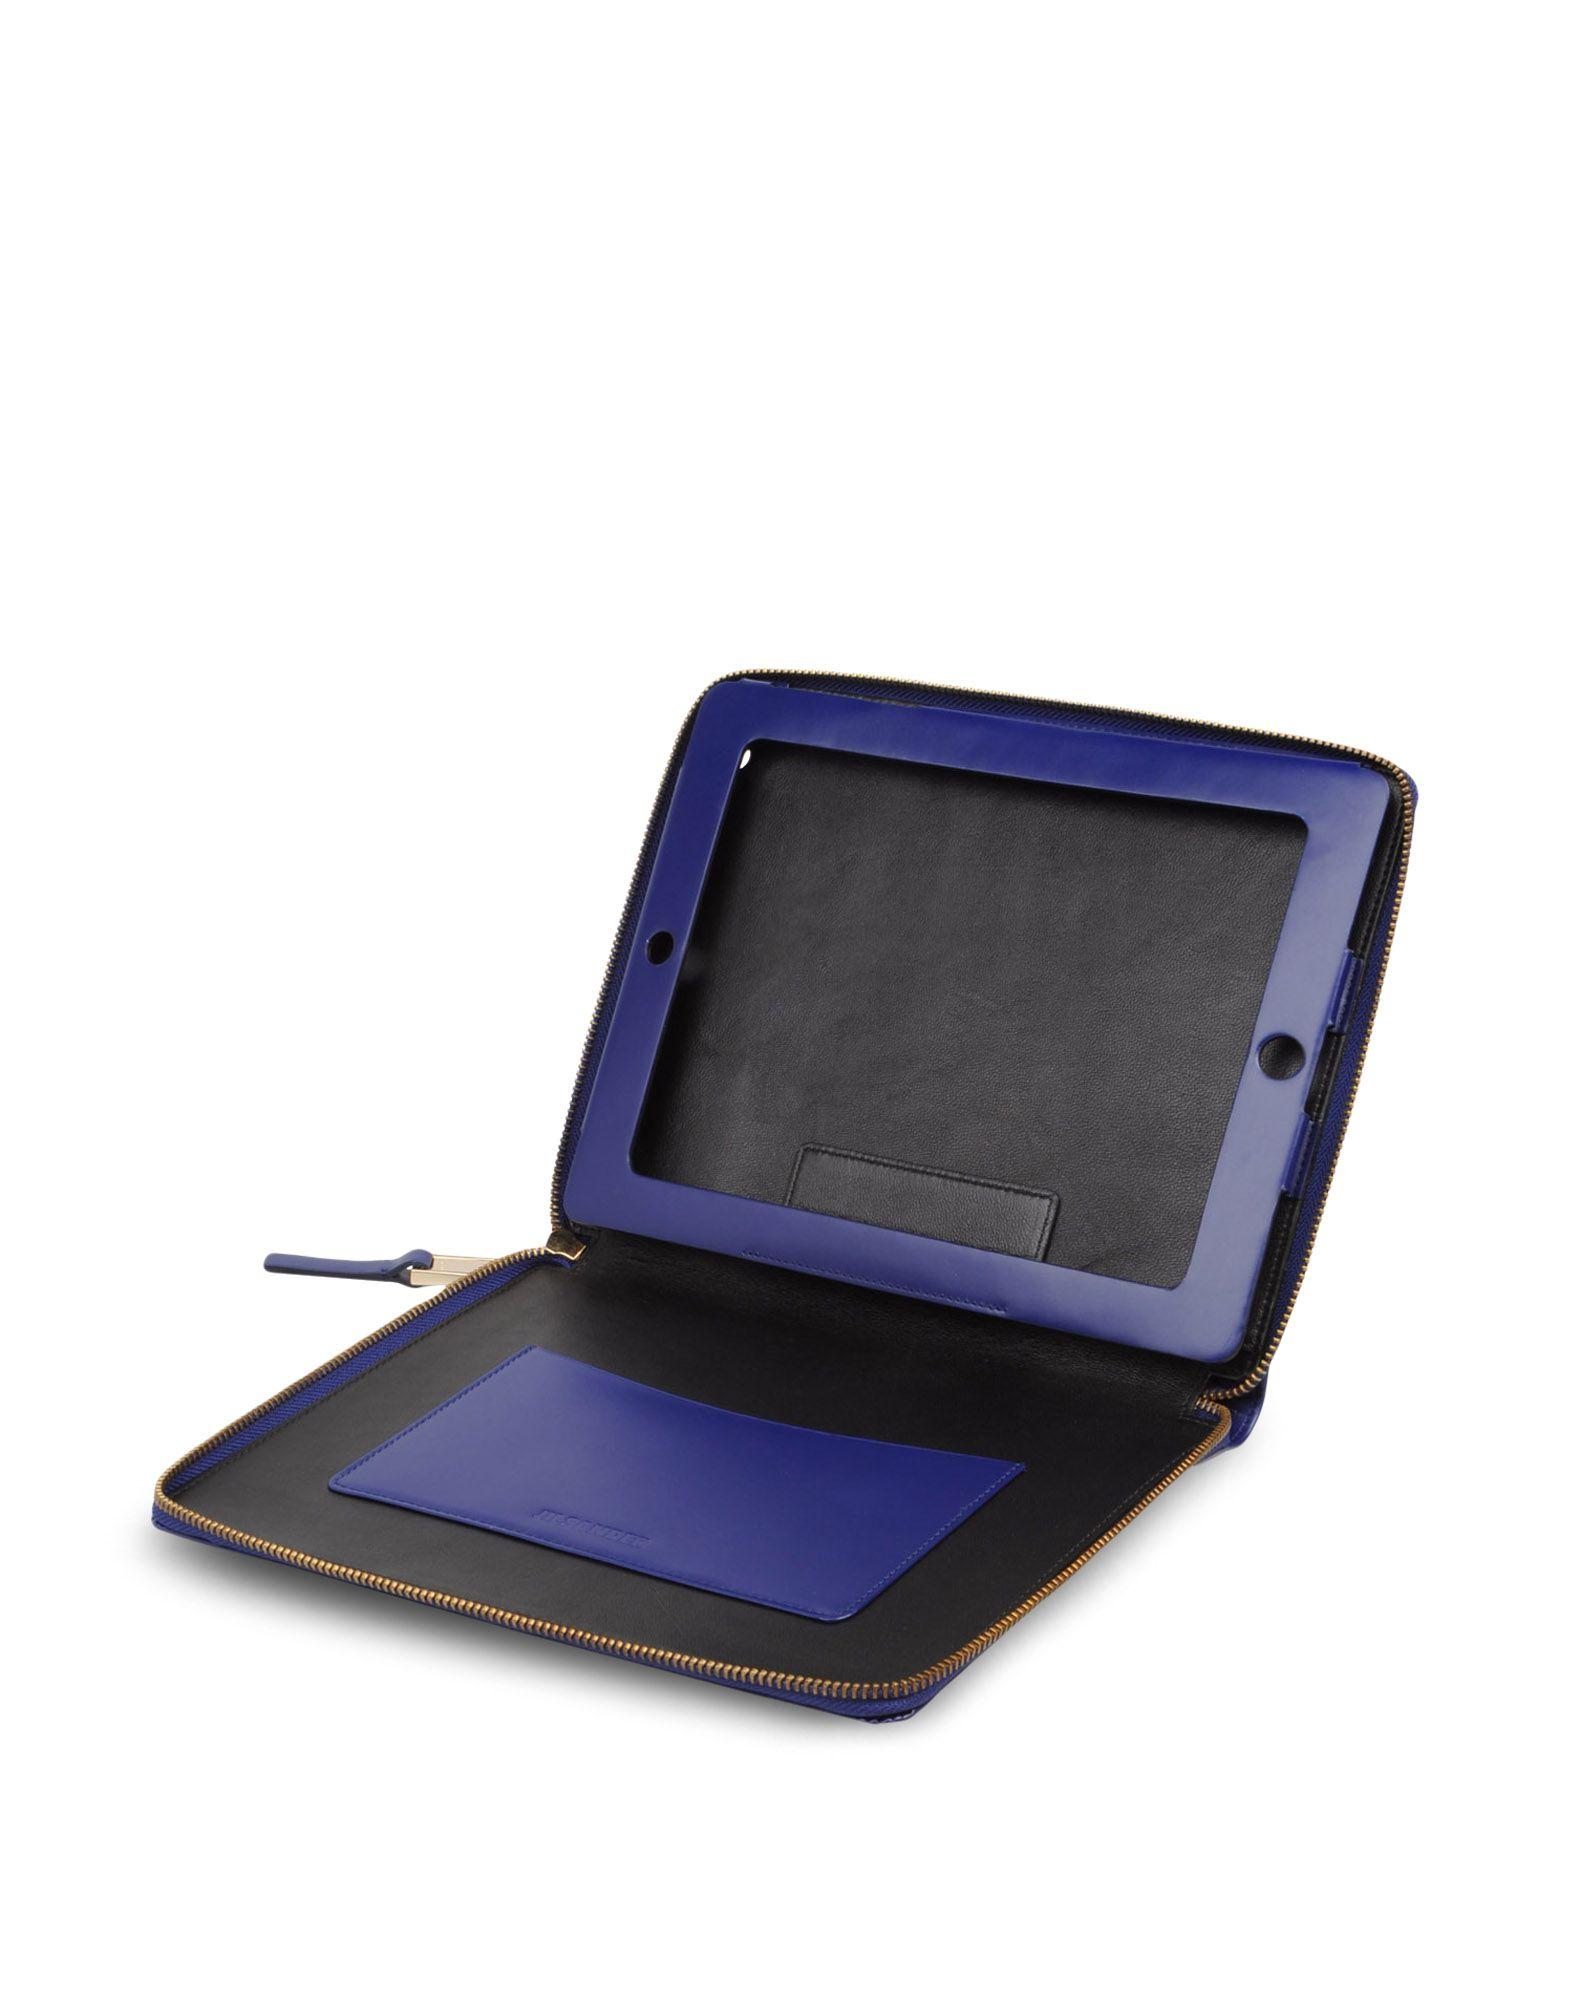 Porta I Pad - JIL SANDER Online Store